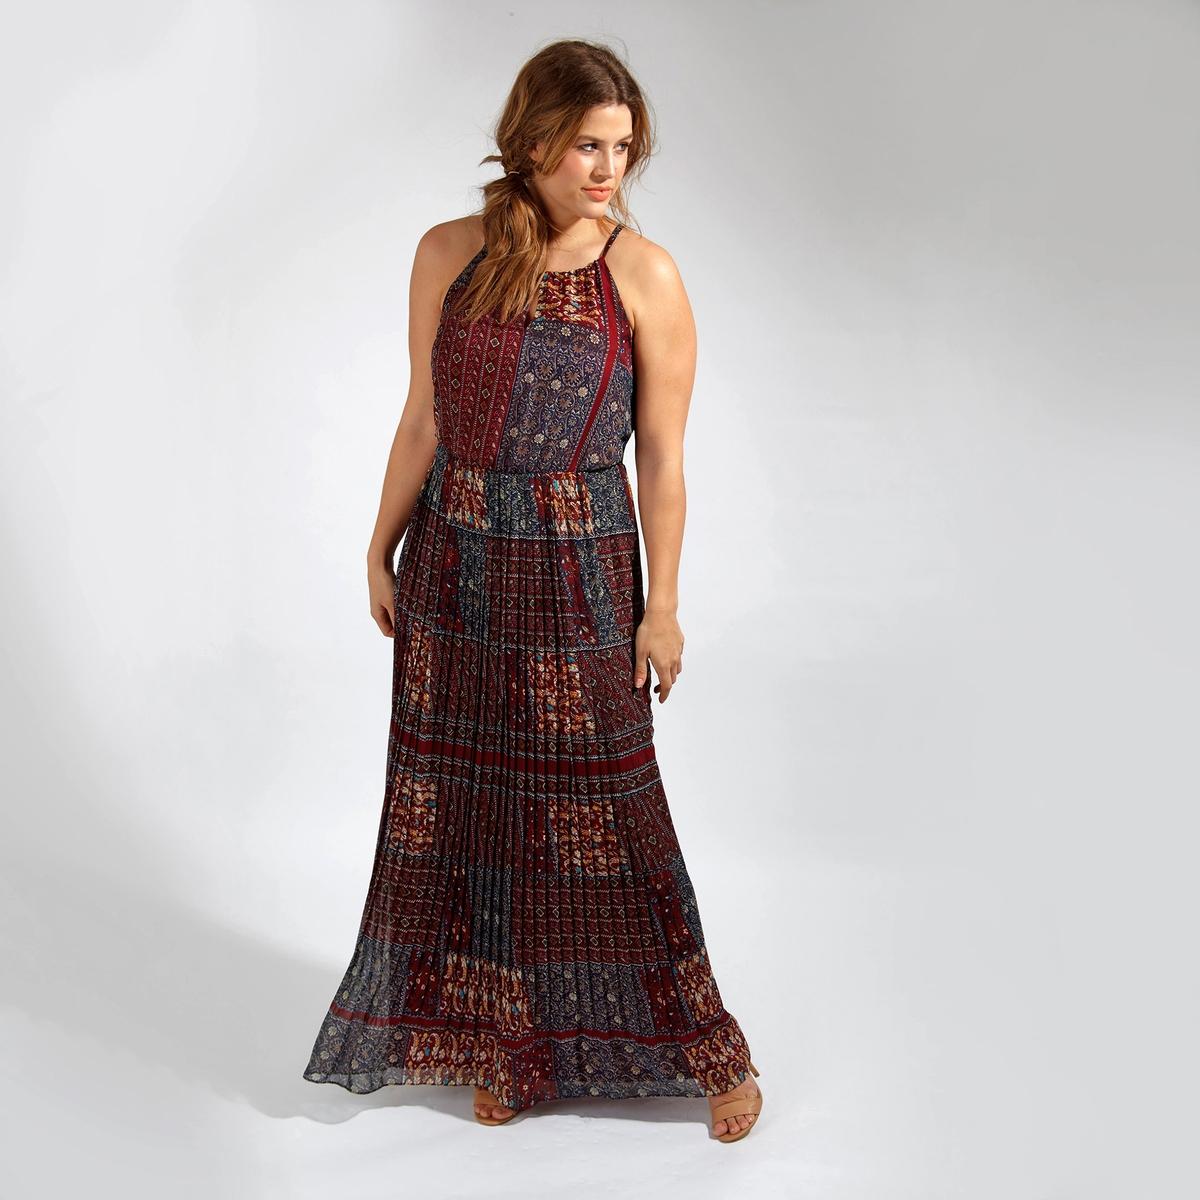 Платье длинноеДлинное платье на тонких бретелях KOKO BY KOKO. Юбка с эффектом плиссе. 100% полиэстер<br><br>Цвет: набивной рисунок<br>Размер: 54/56 (FR) - 60/62 (RUS)